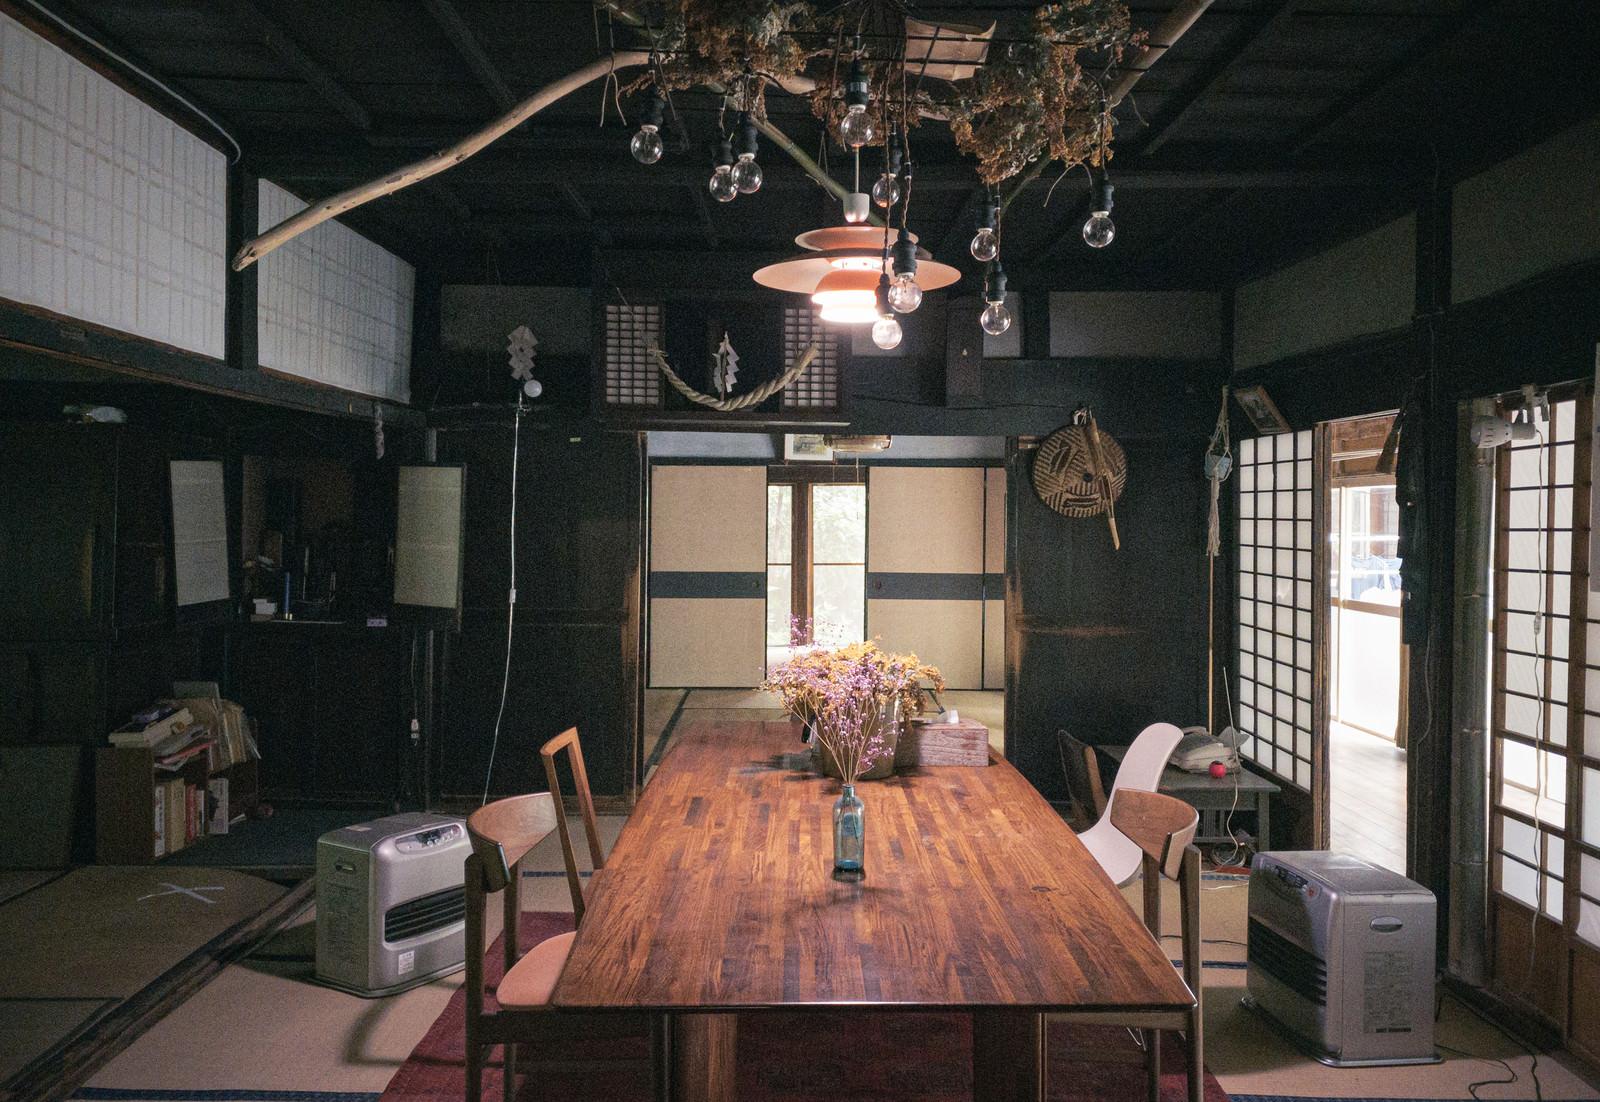 「ドライフラワーがテーブルに置かれたな和風の部屋」の写真